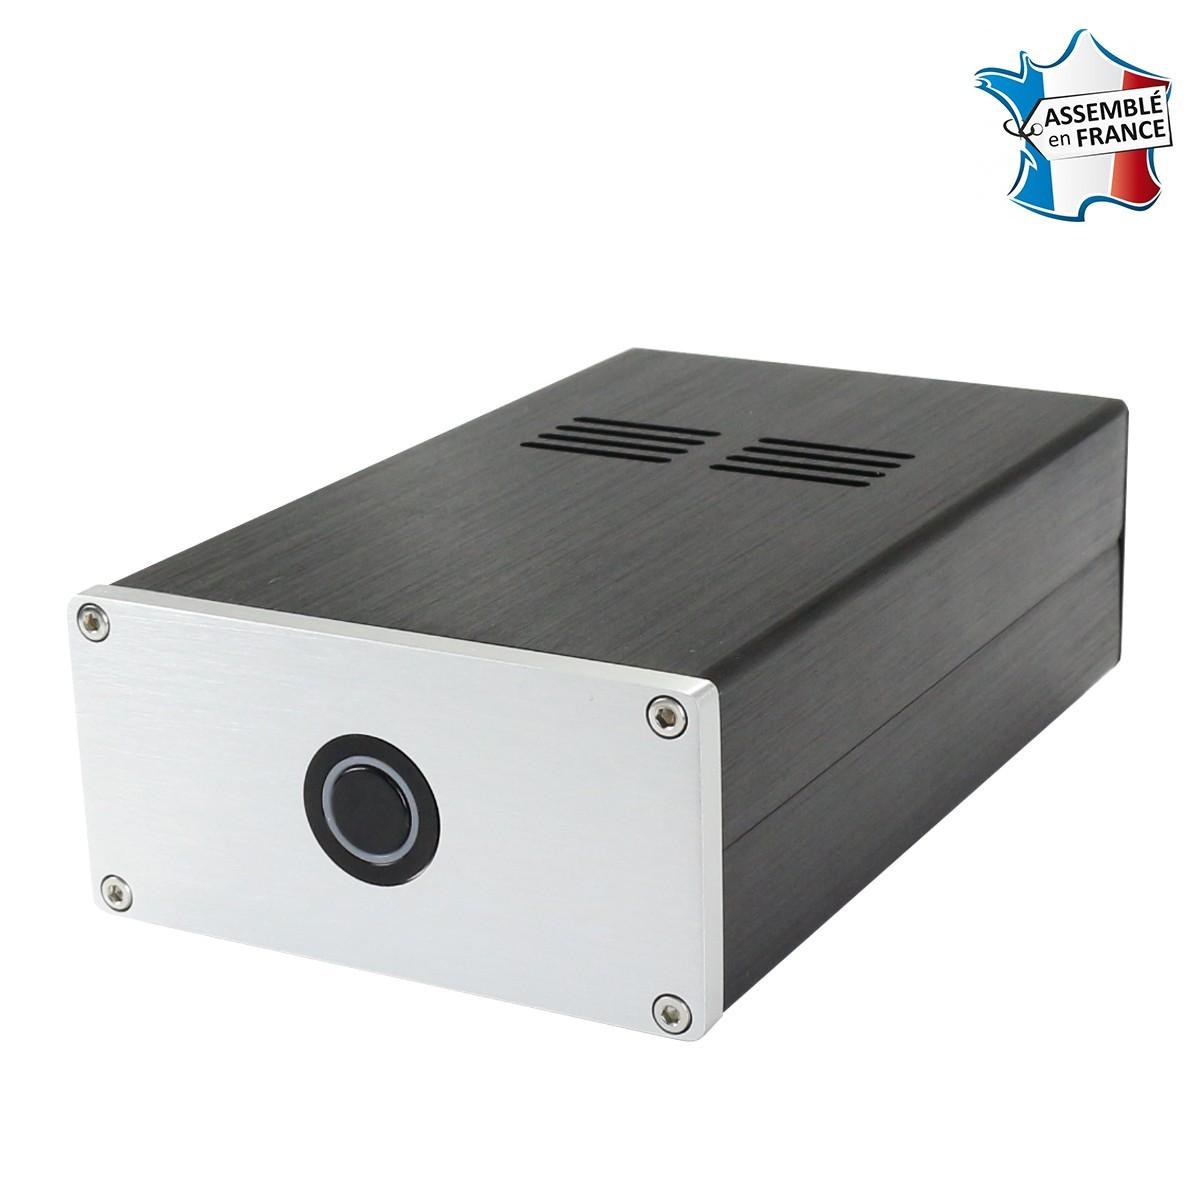 RaspDIGI LTE LVDS - KALI Lecteur réseau I2S LVDS HDMI Compatible Audio-GD